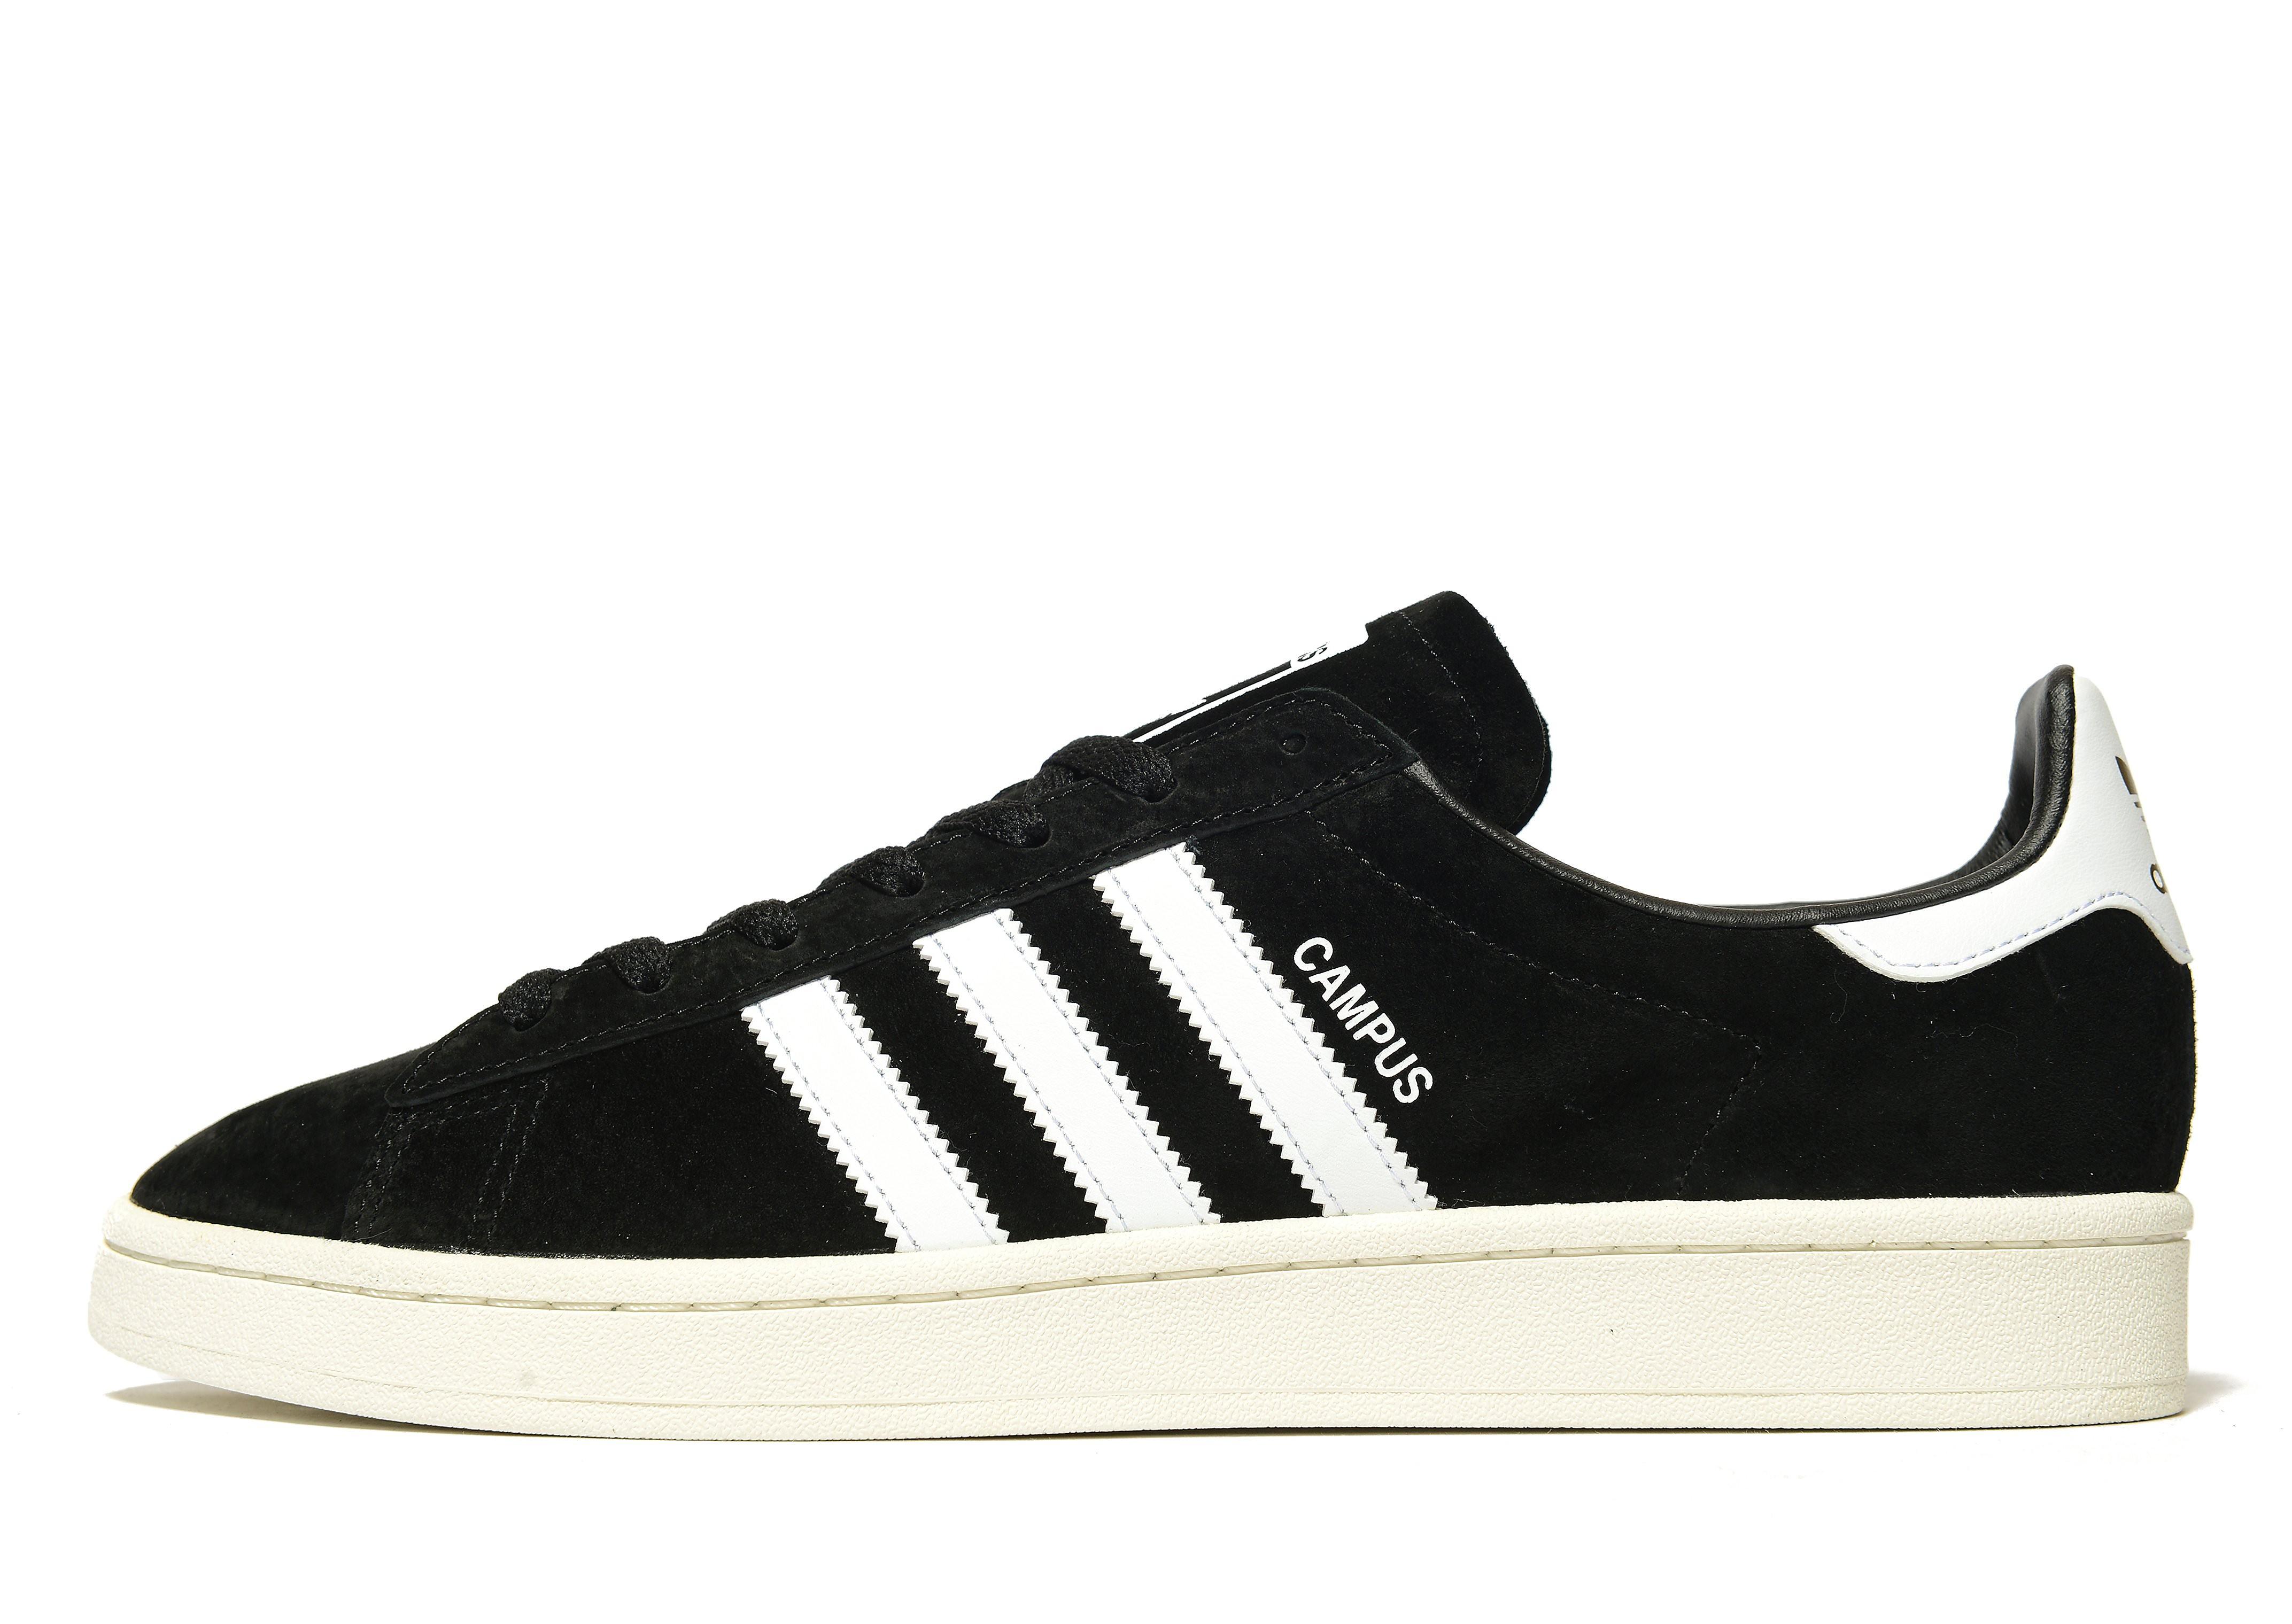 adidas Originals Campus Black White